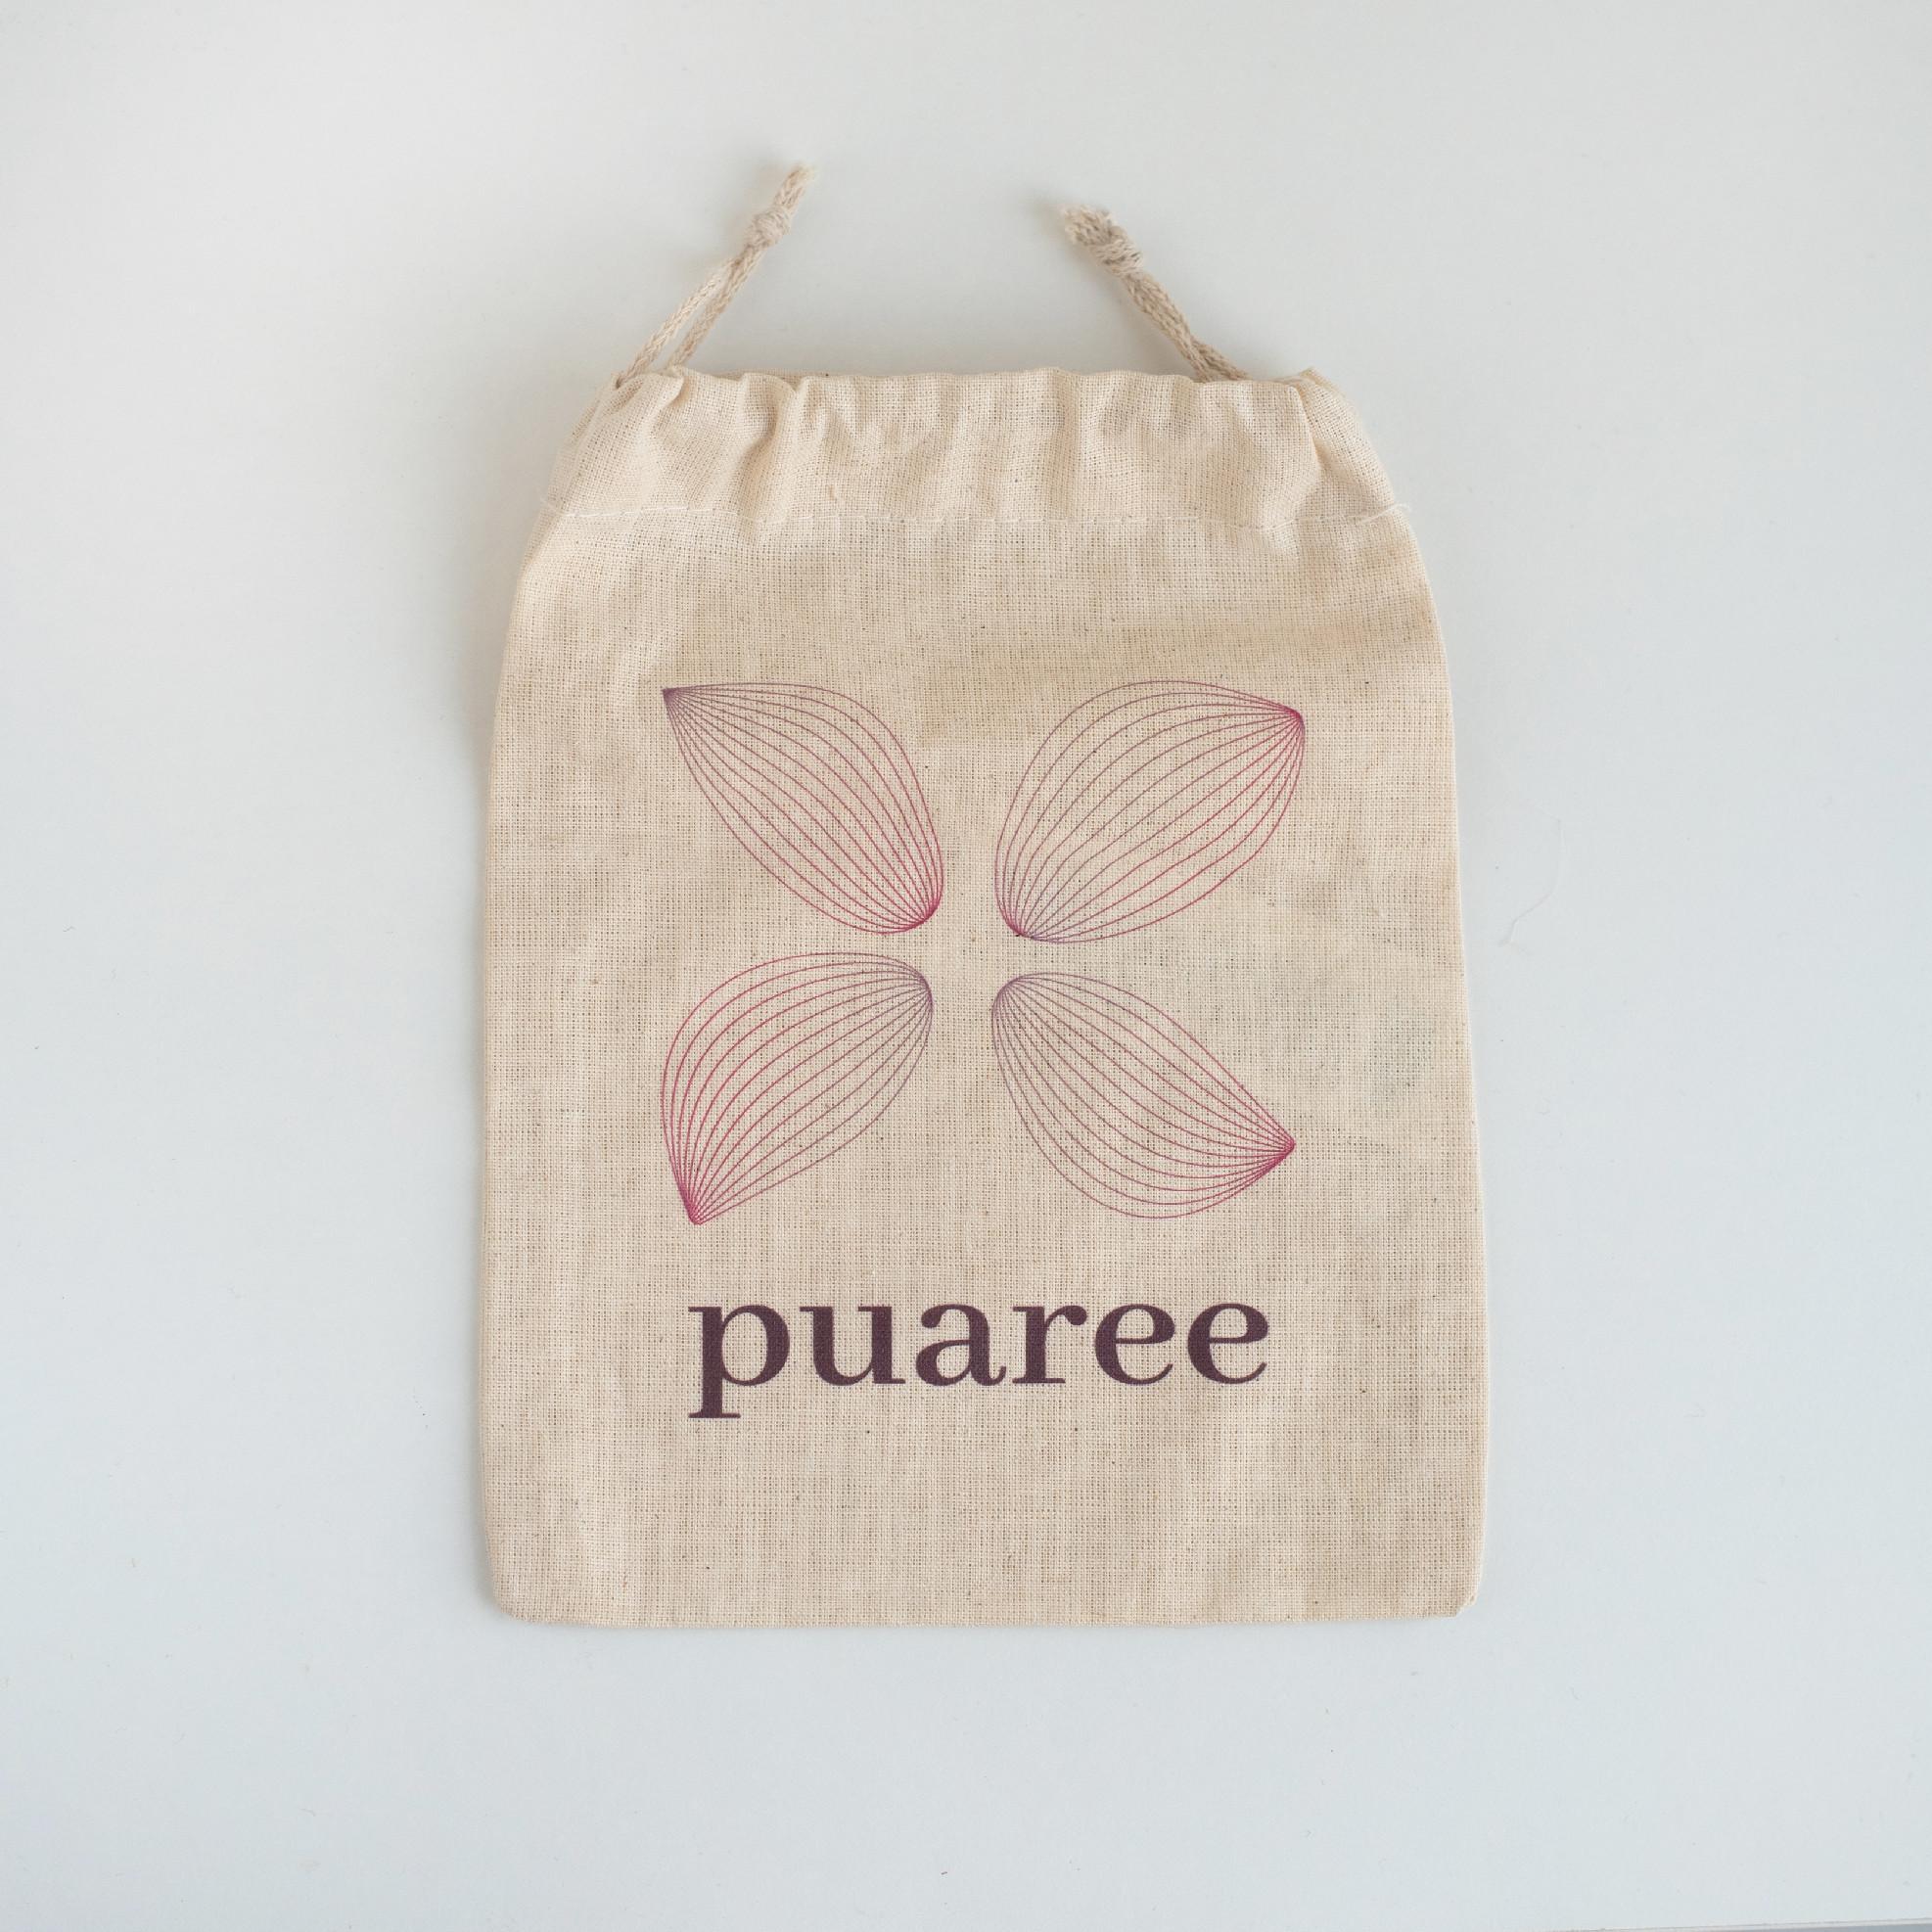 Puaree Plátěný pytlíček